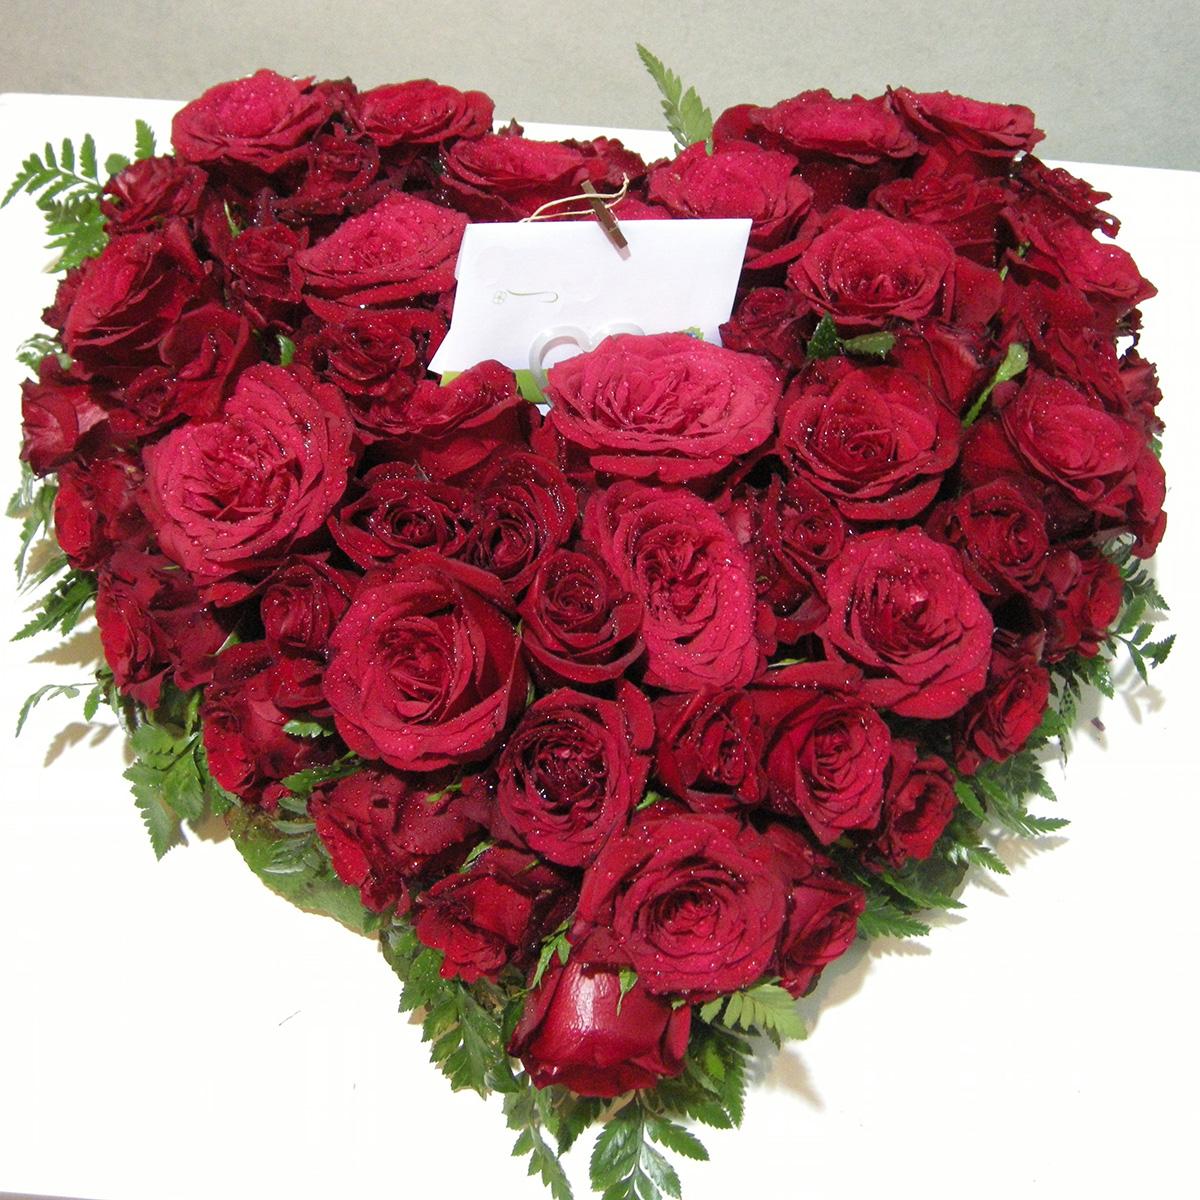 صورة صور ورد قلب , هديه رومانسيه روووعه لحبيبك 3485 3